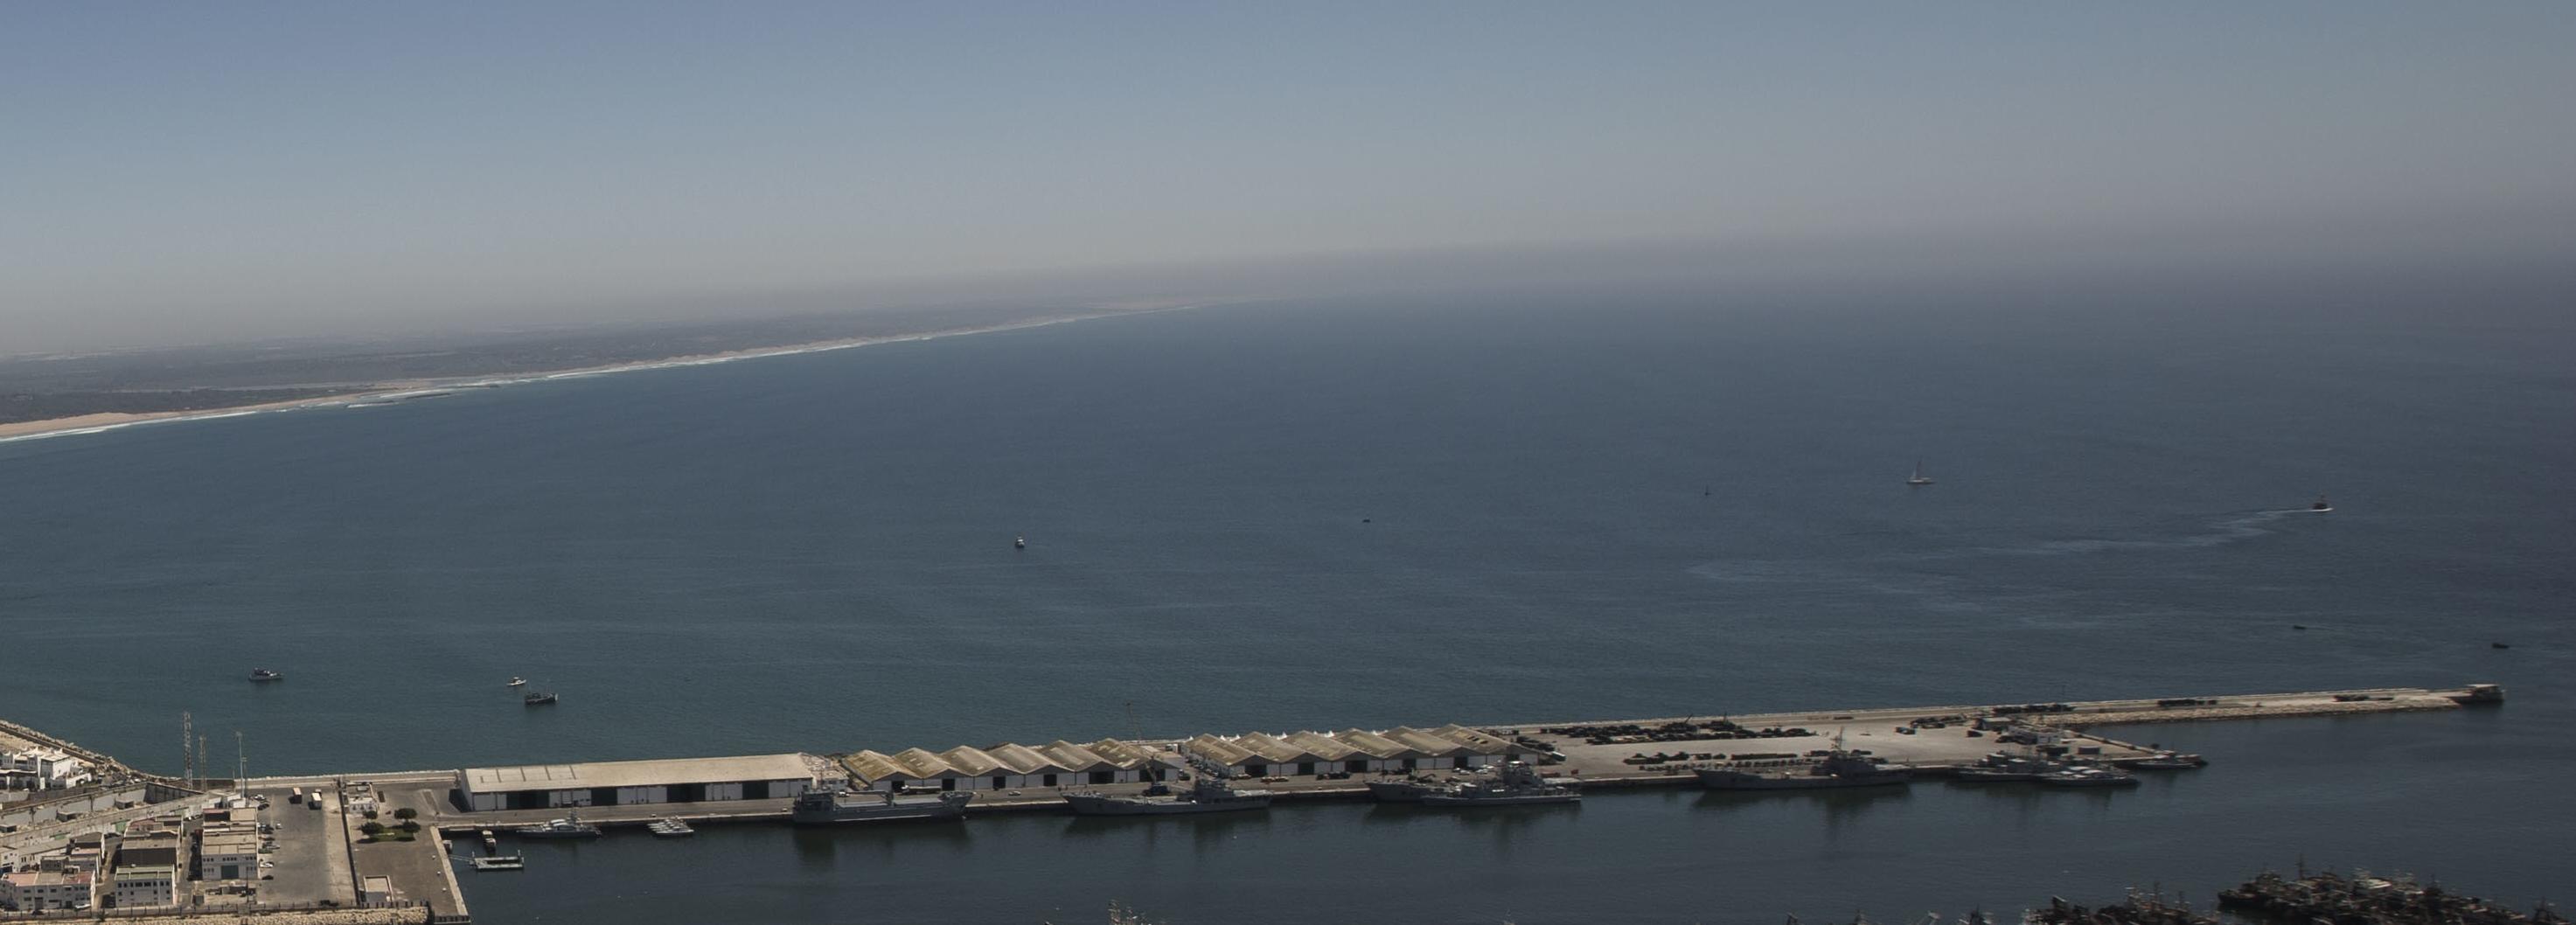 Royal Moroccan Navy Fleet Auxiliary / Unités Auxiliaires de la MRM - Page 3 150604032610439314